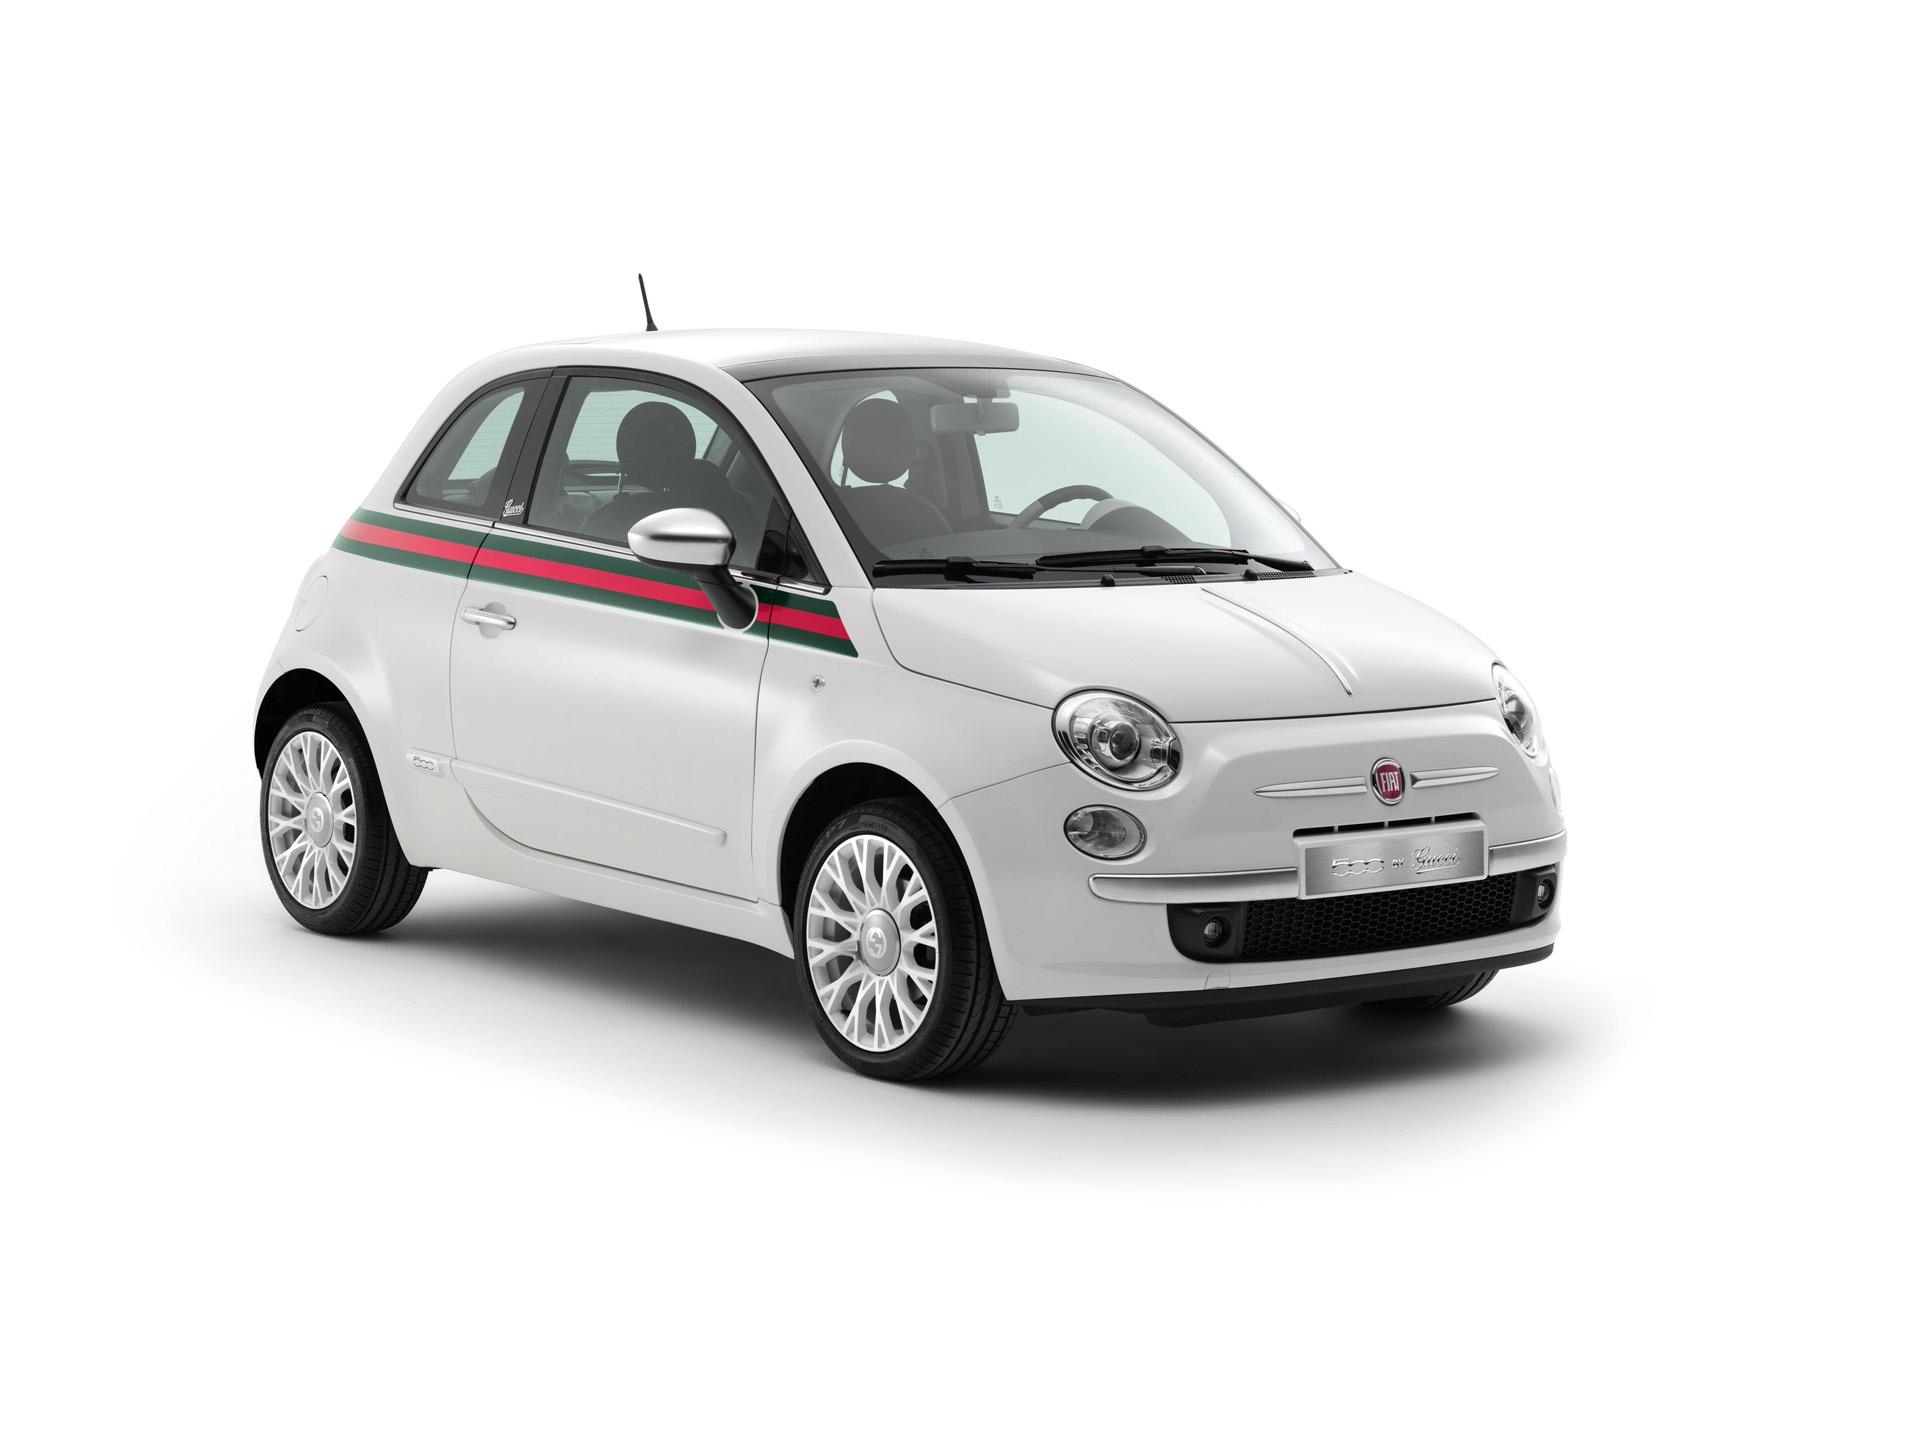 ws_Fiat_500_Gucci_White_1920x1440